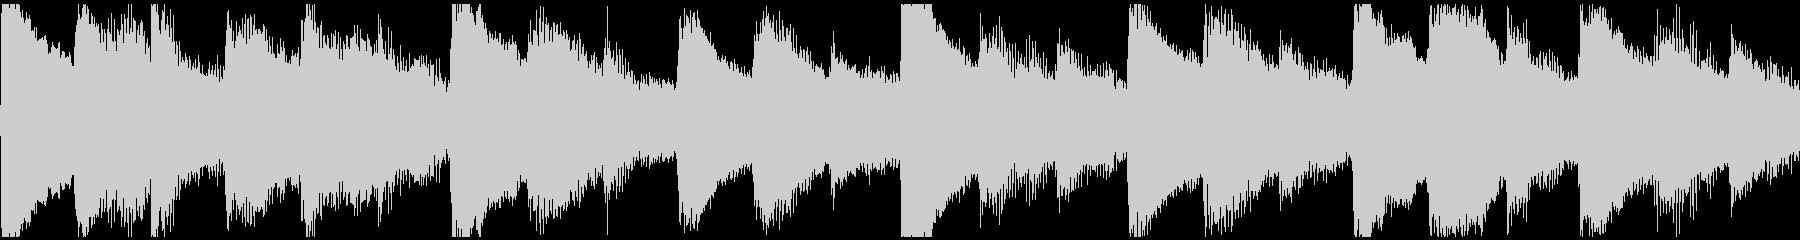 感動表現、CM,ブライダル、ループ3の未再生の波形